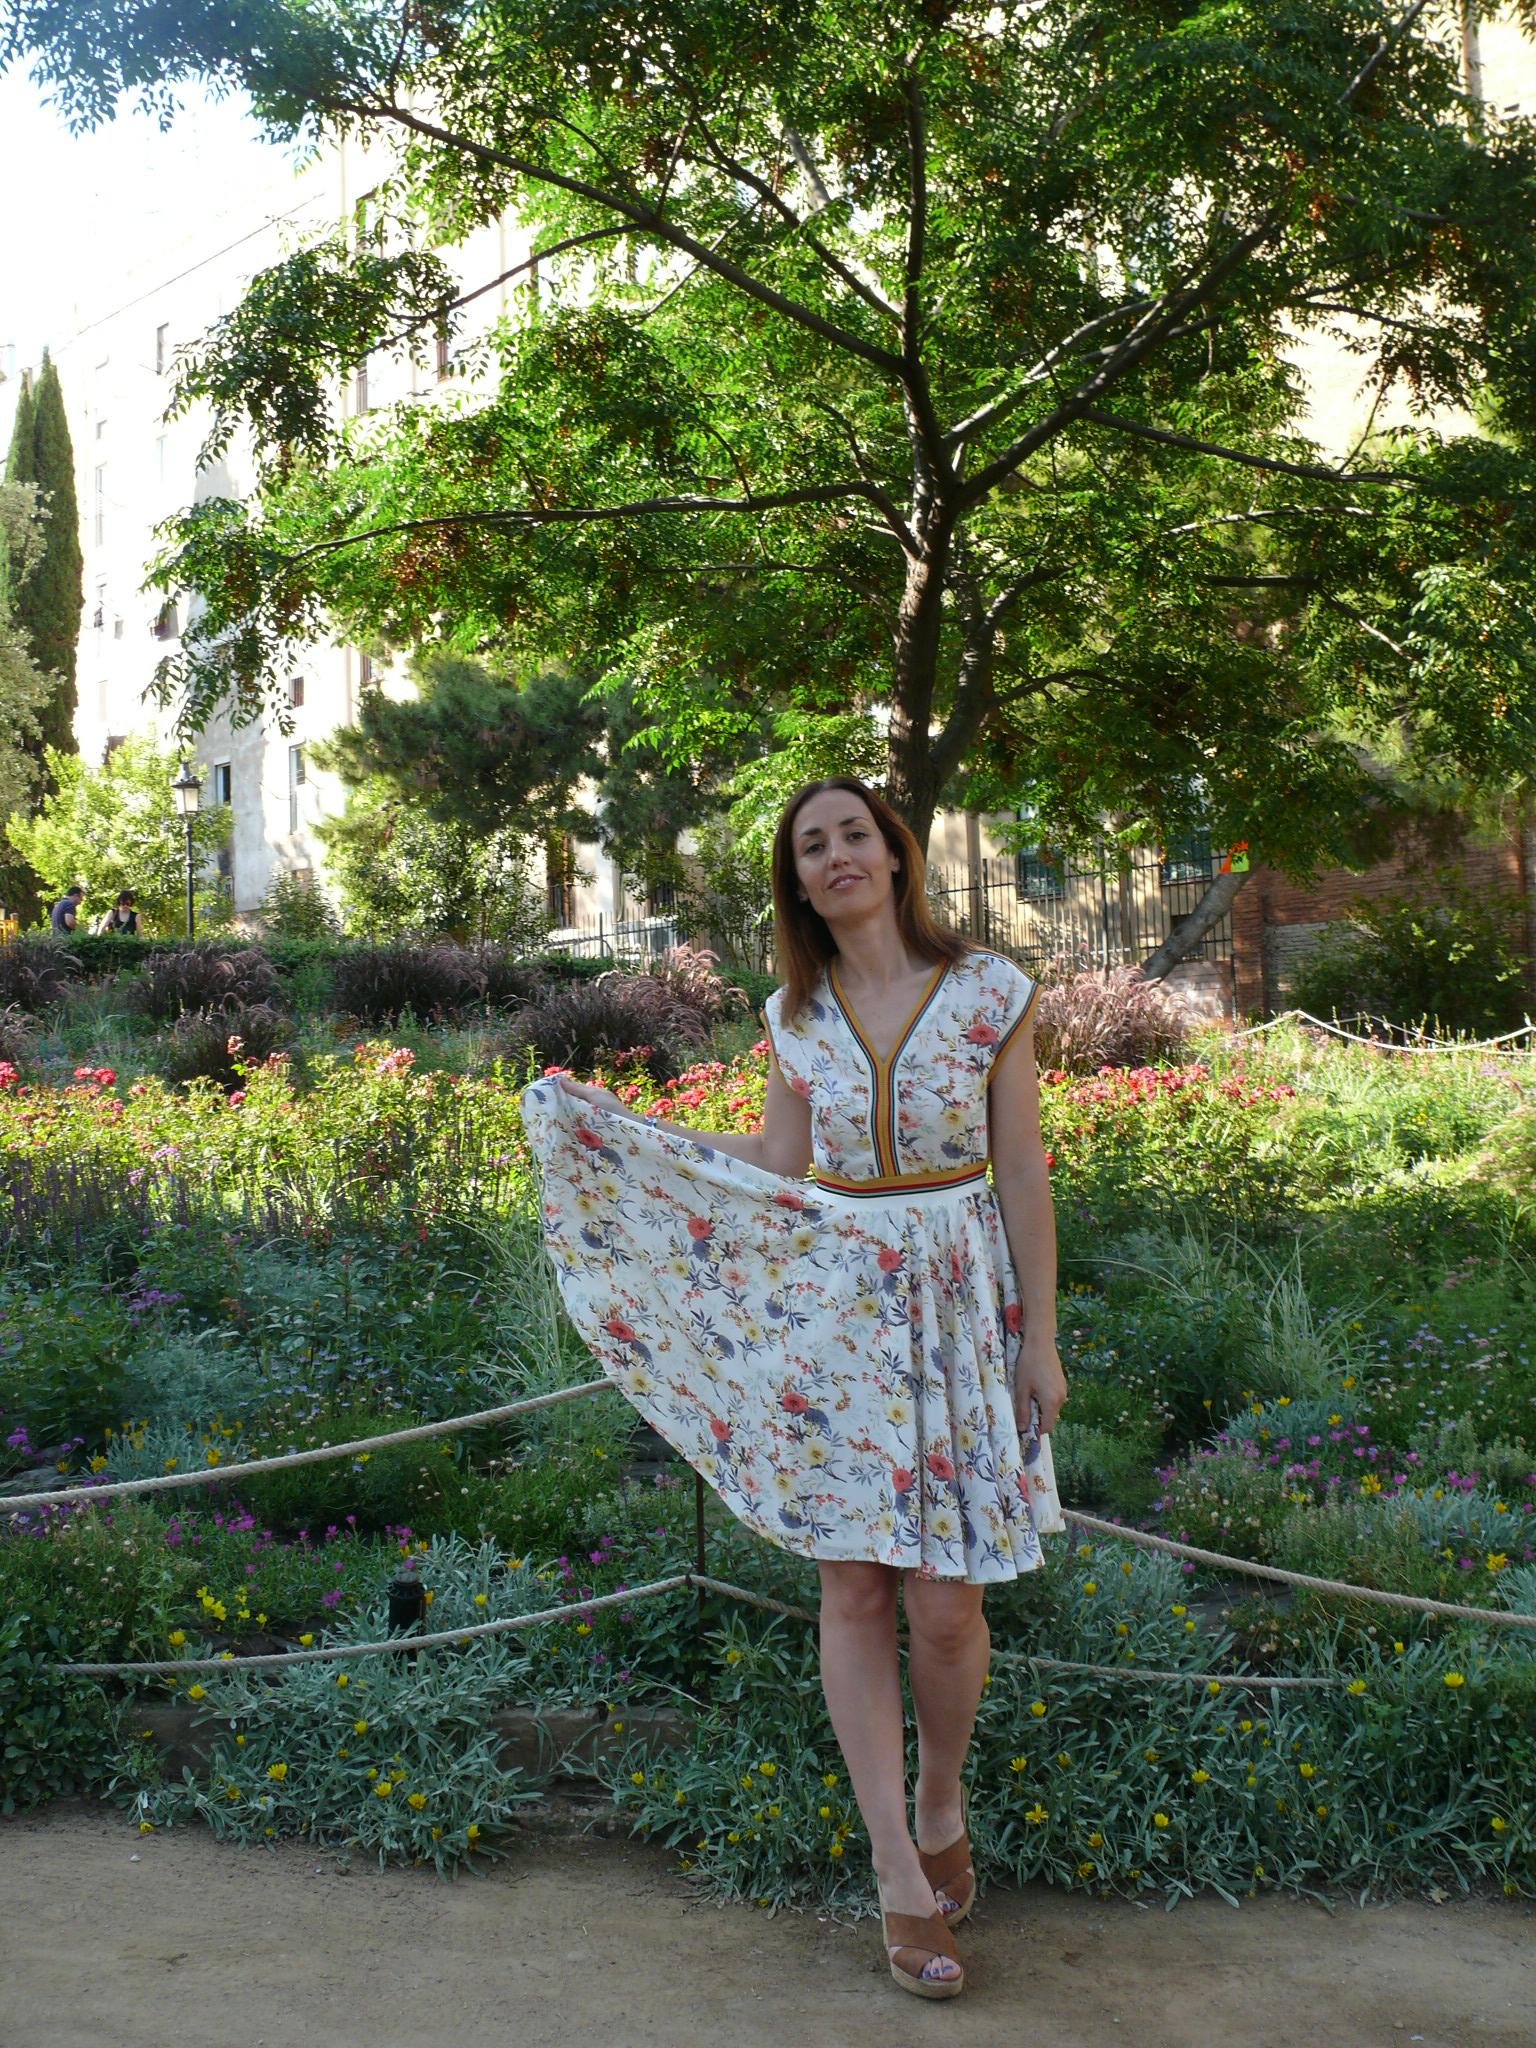 Vestidos kling verano 2019